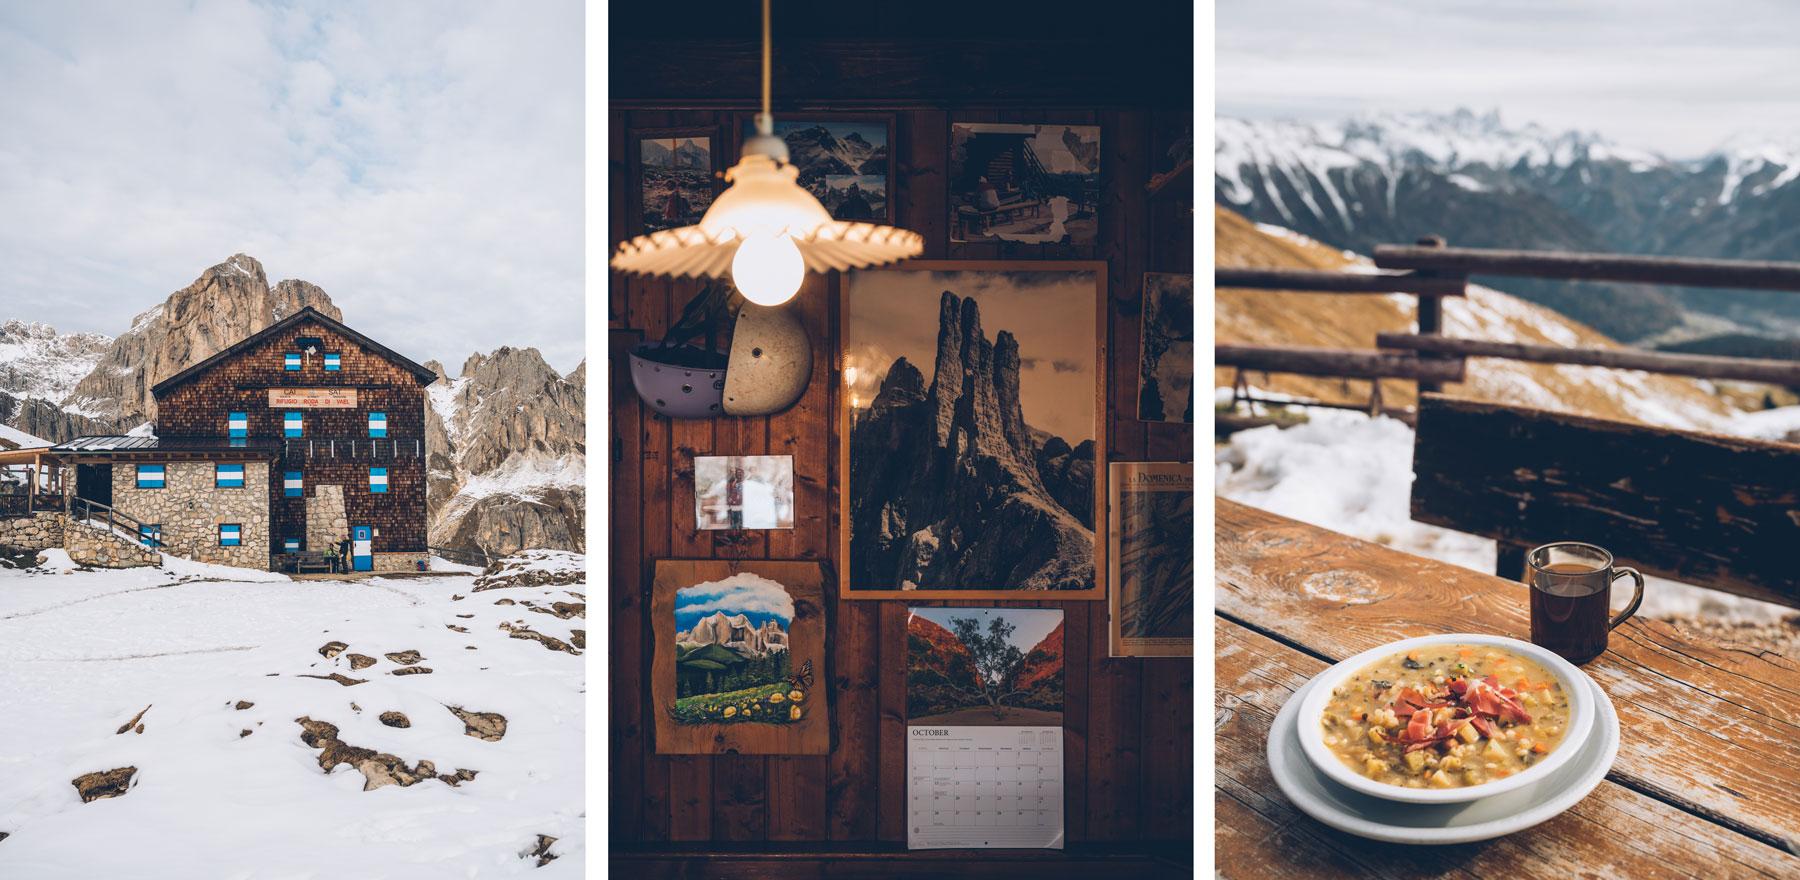 le refuge mythique des Dolomites, le Rotwandhütte